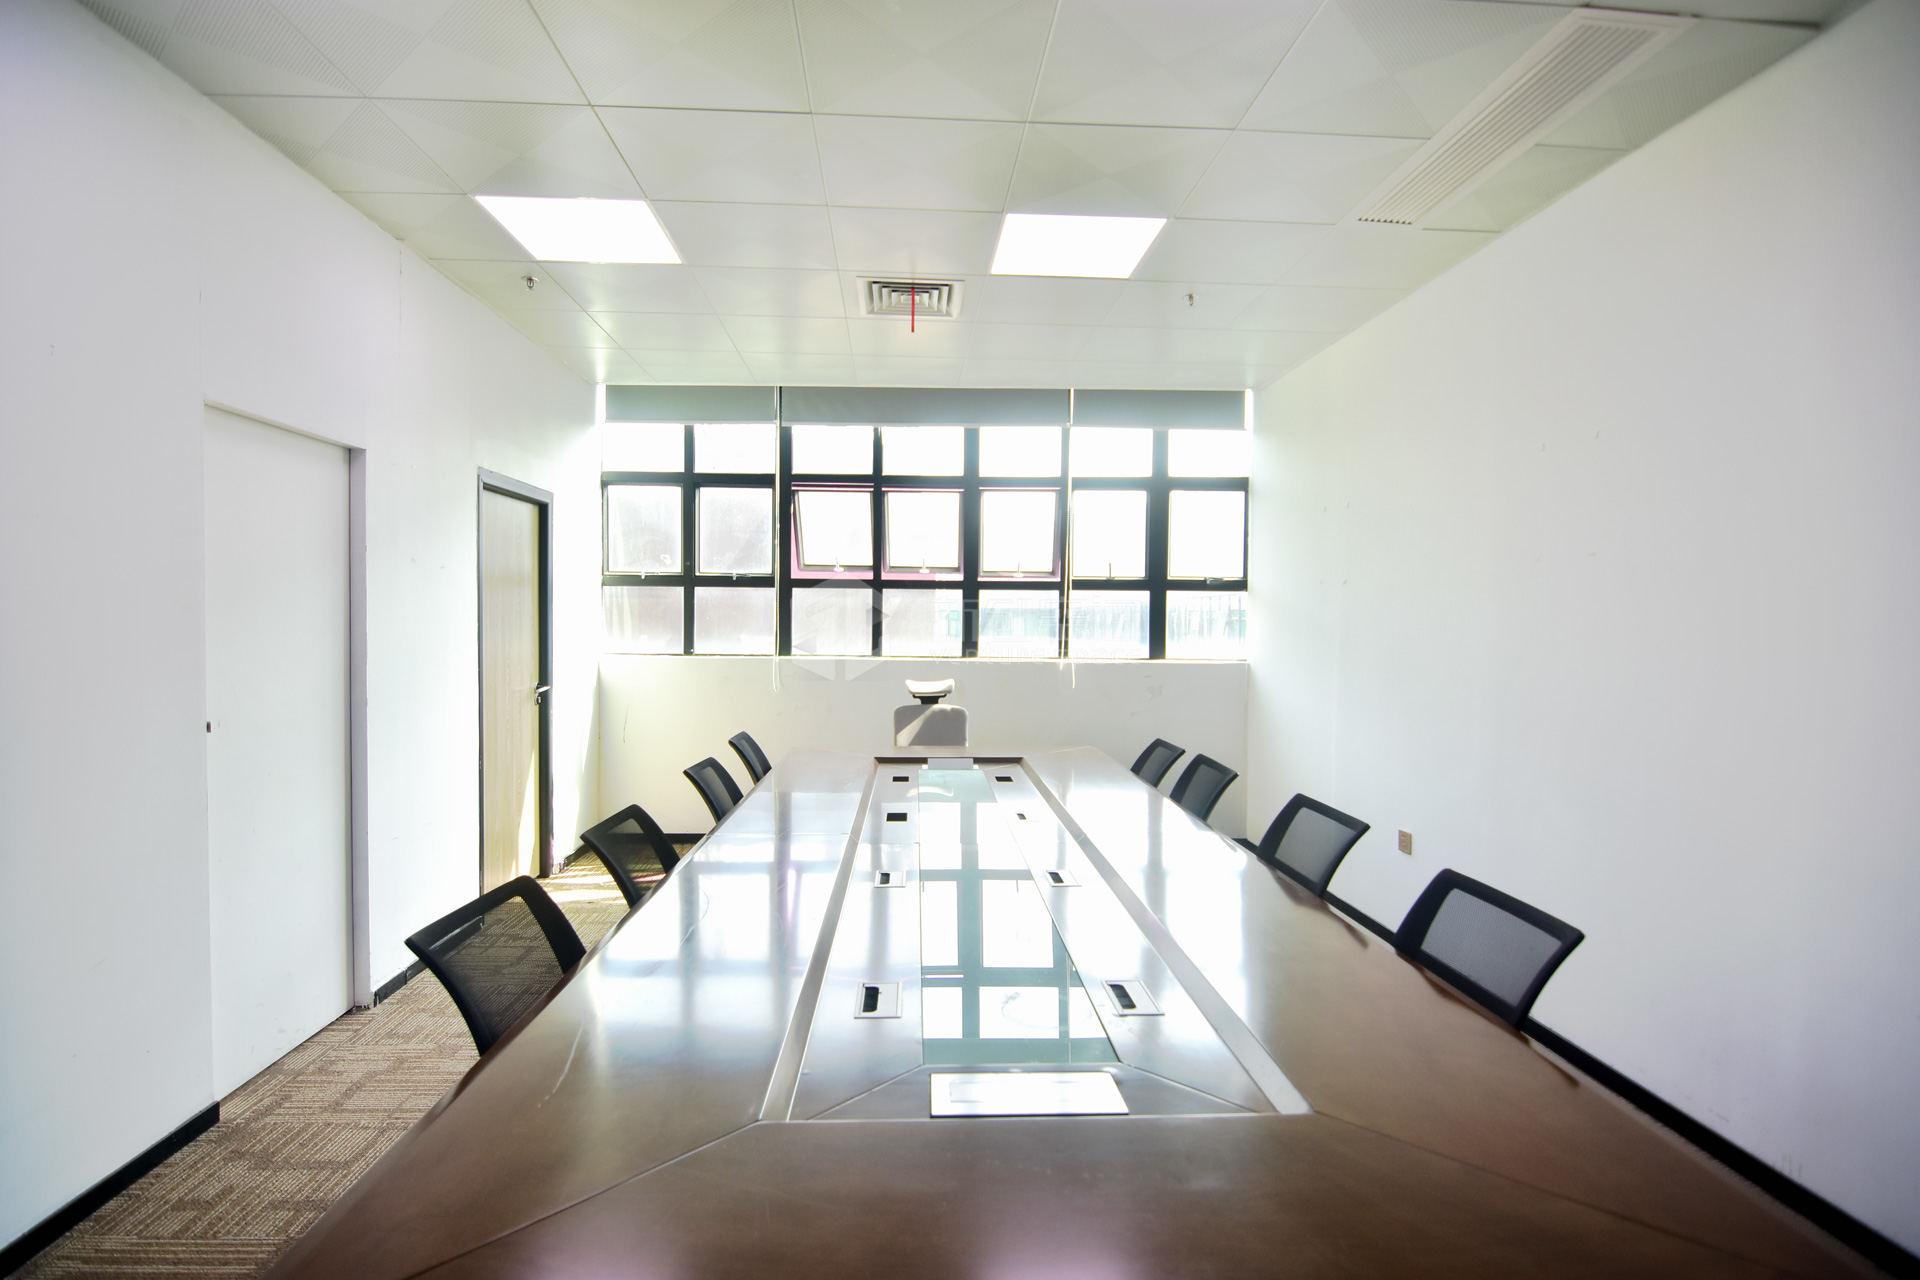 617m²·南山云谷创新产业园-山水楼